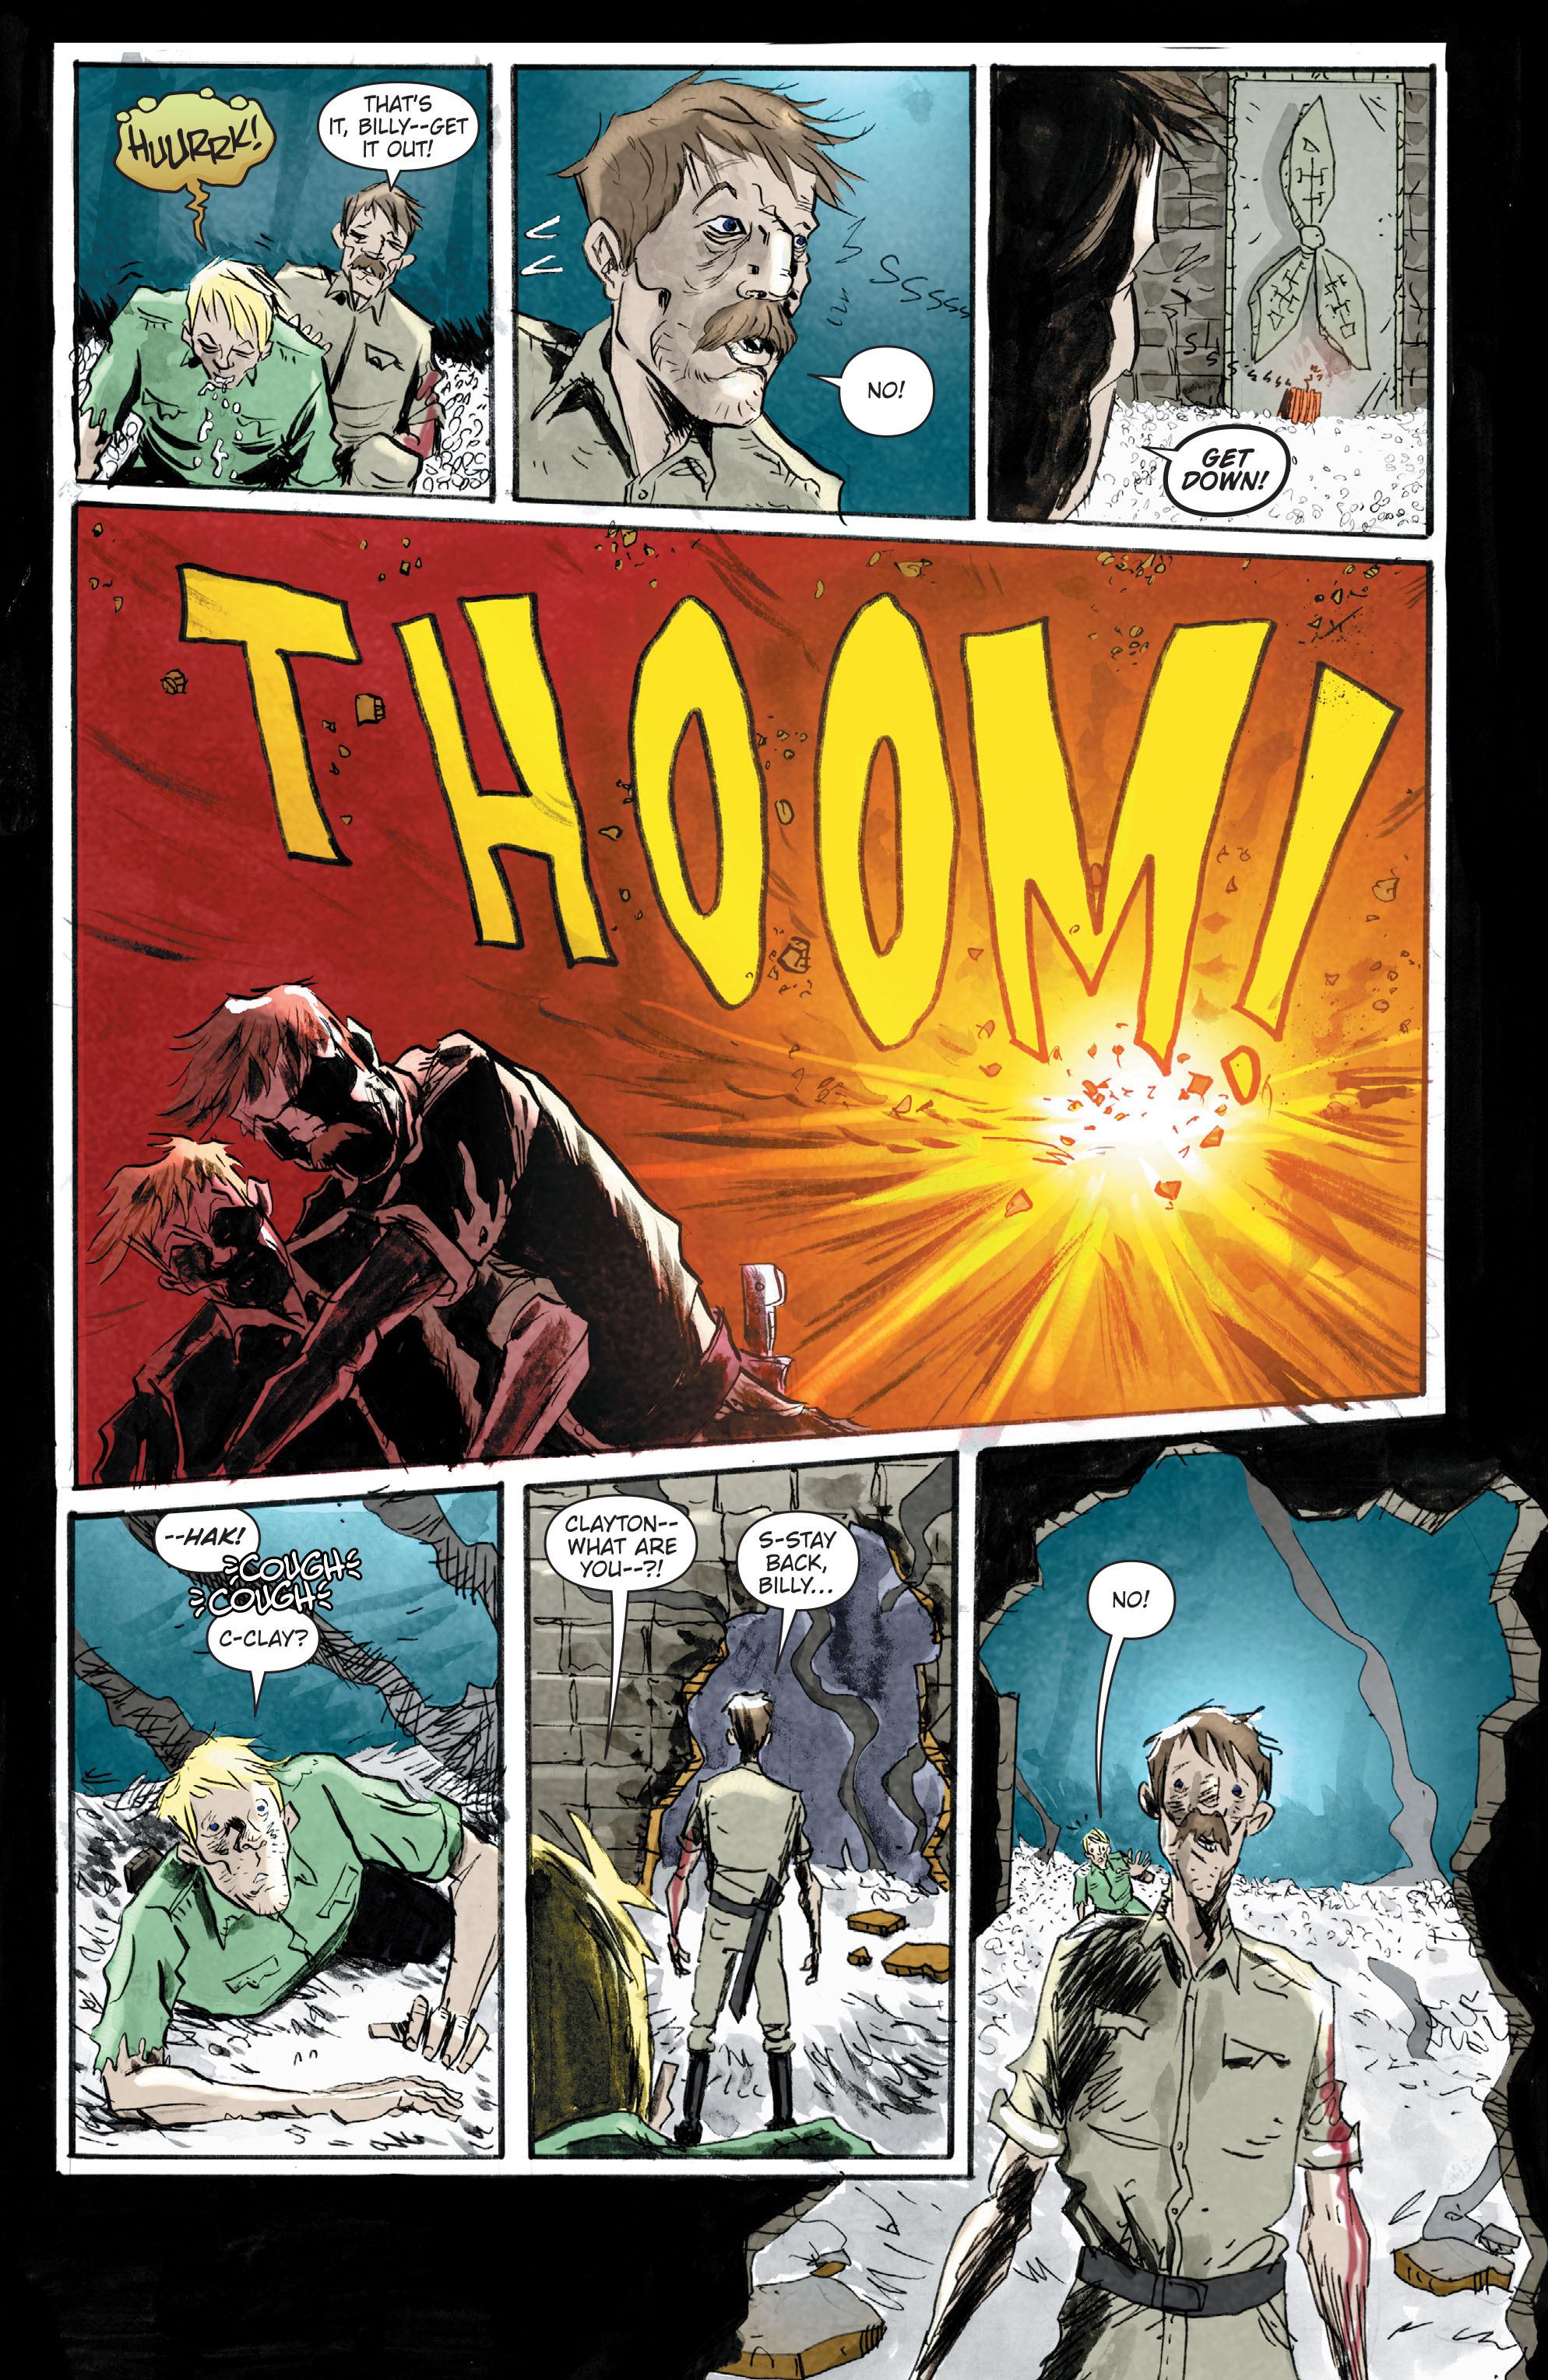 Read online Trillium comic -  Issue # TPB - 69